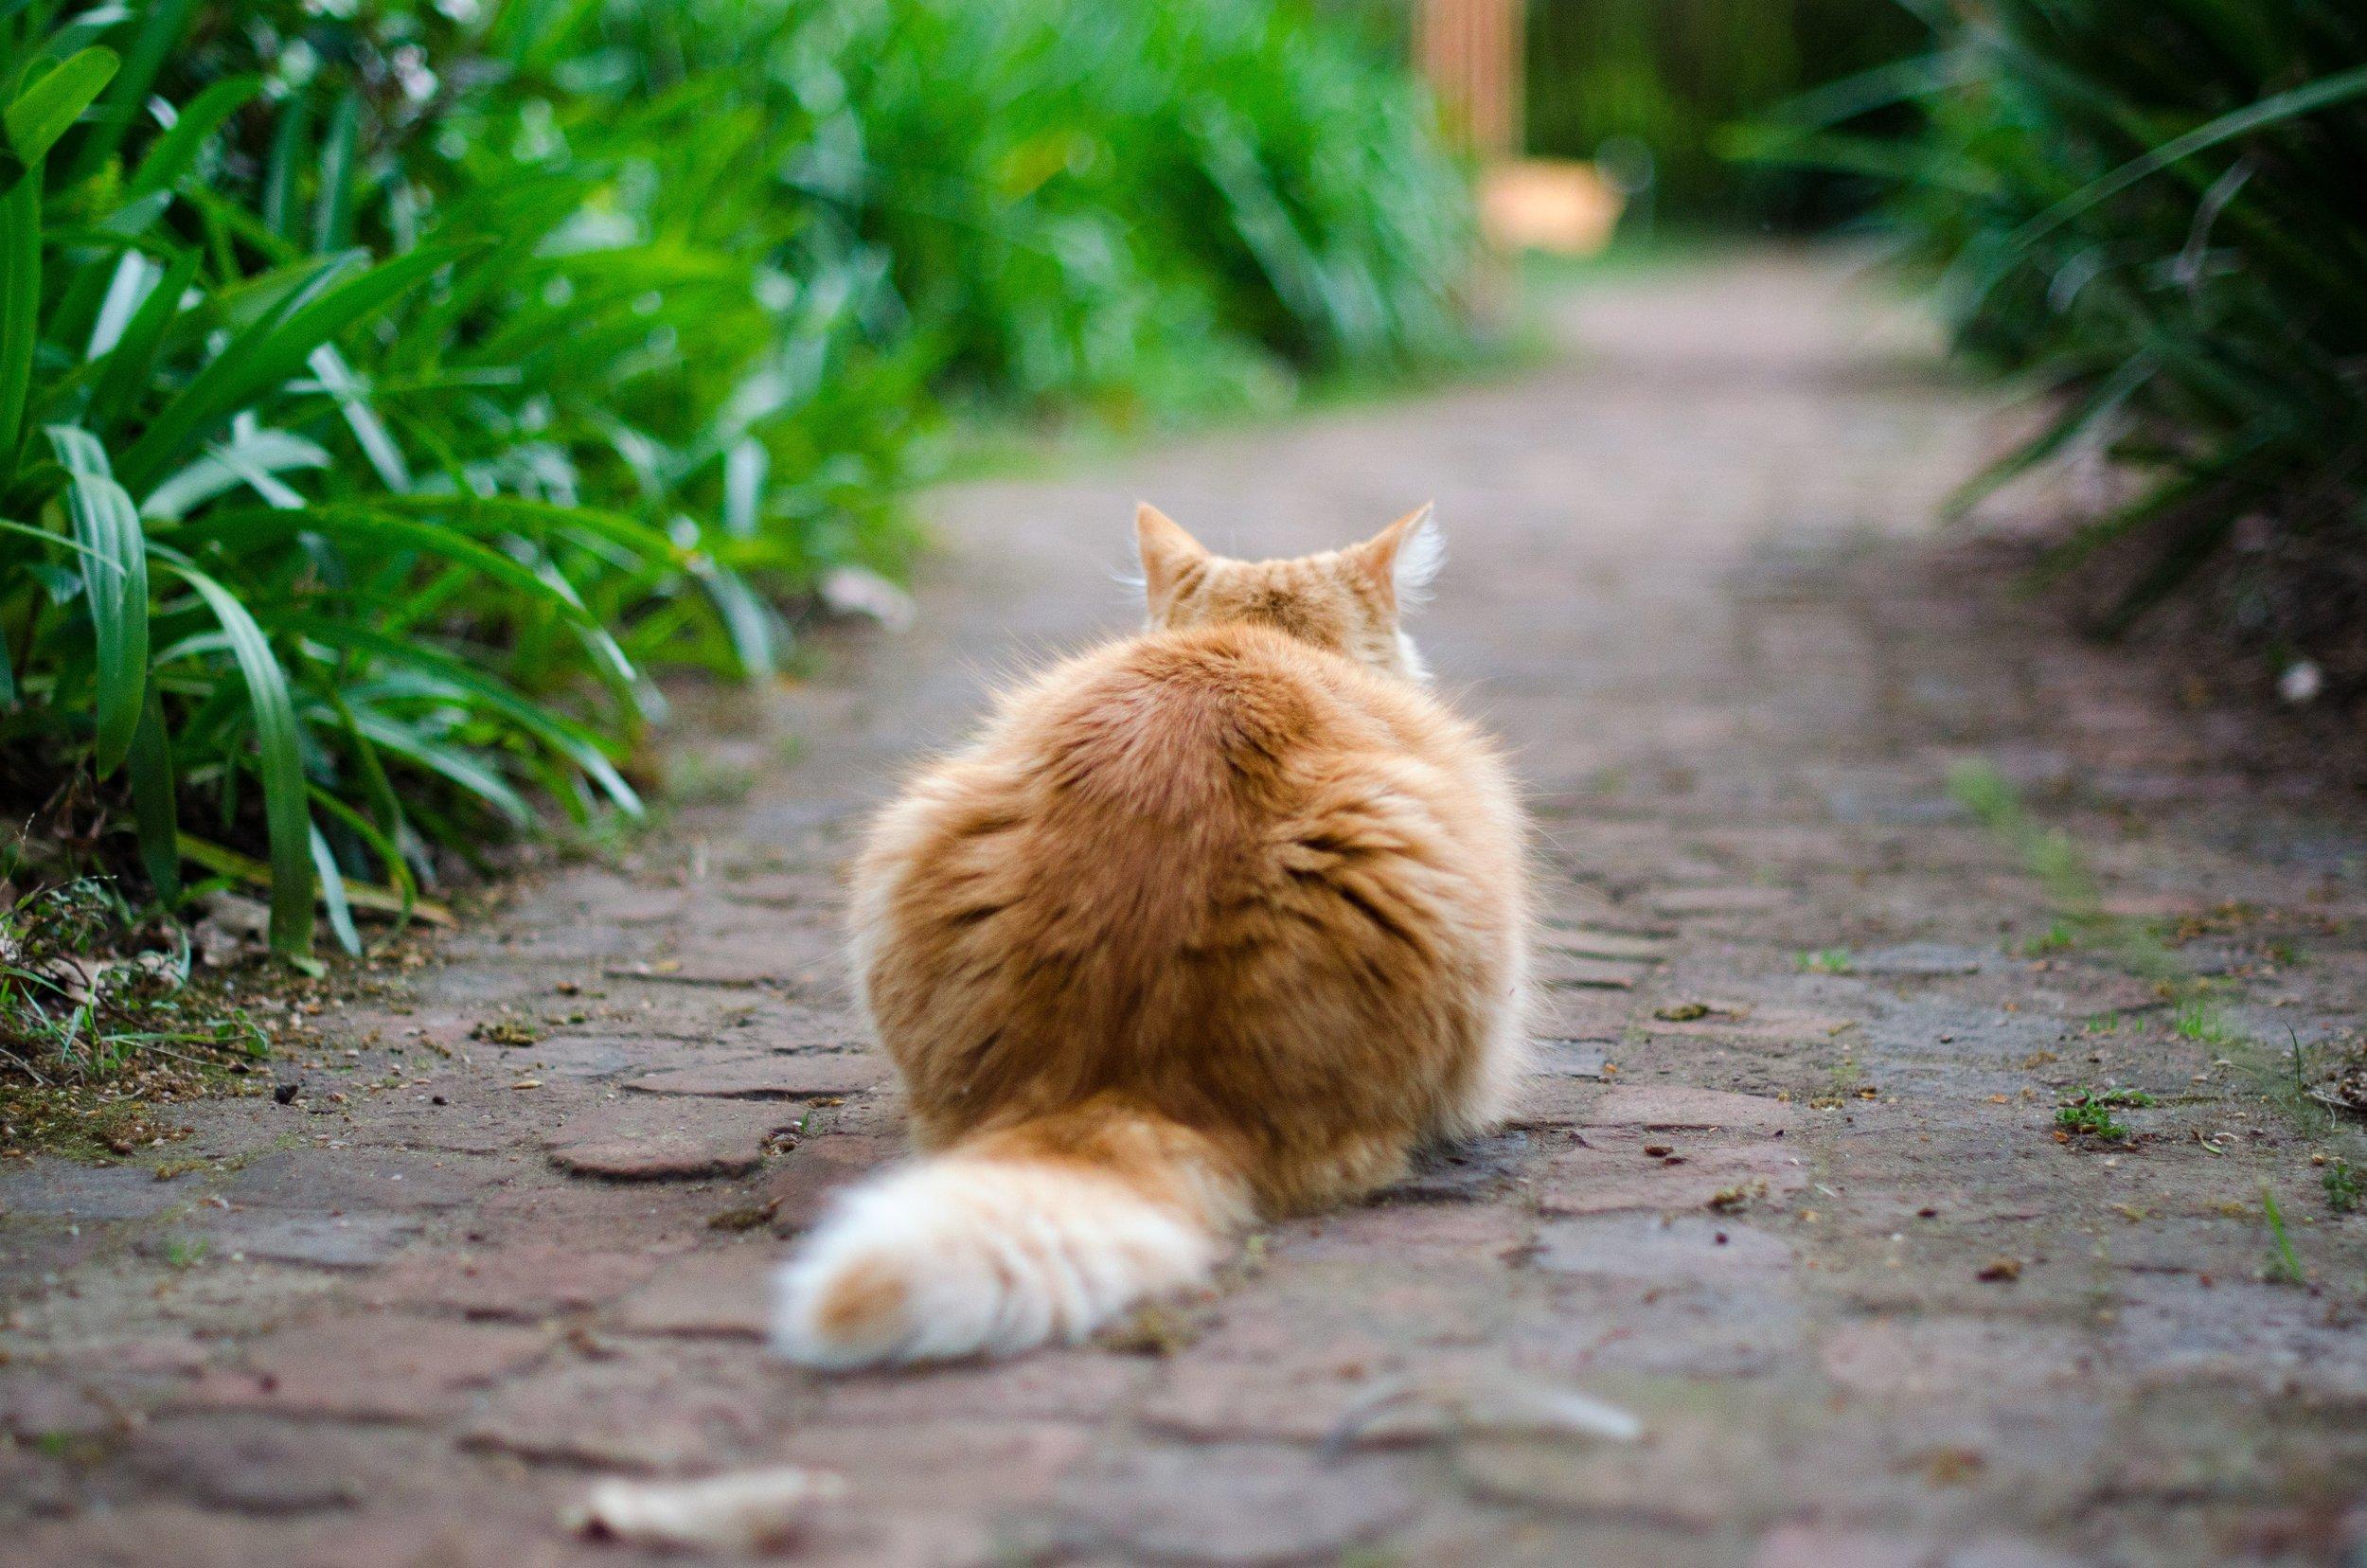 feral cats vs stray cats